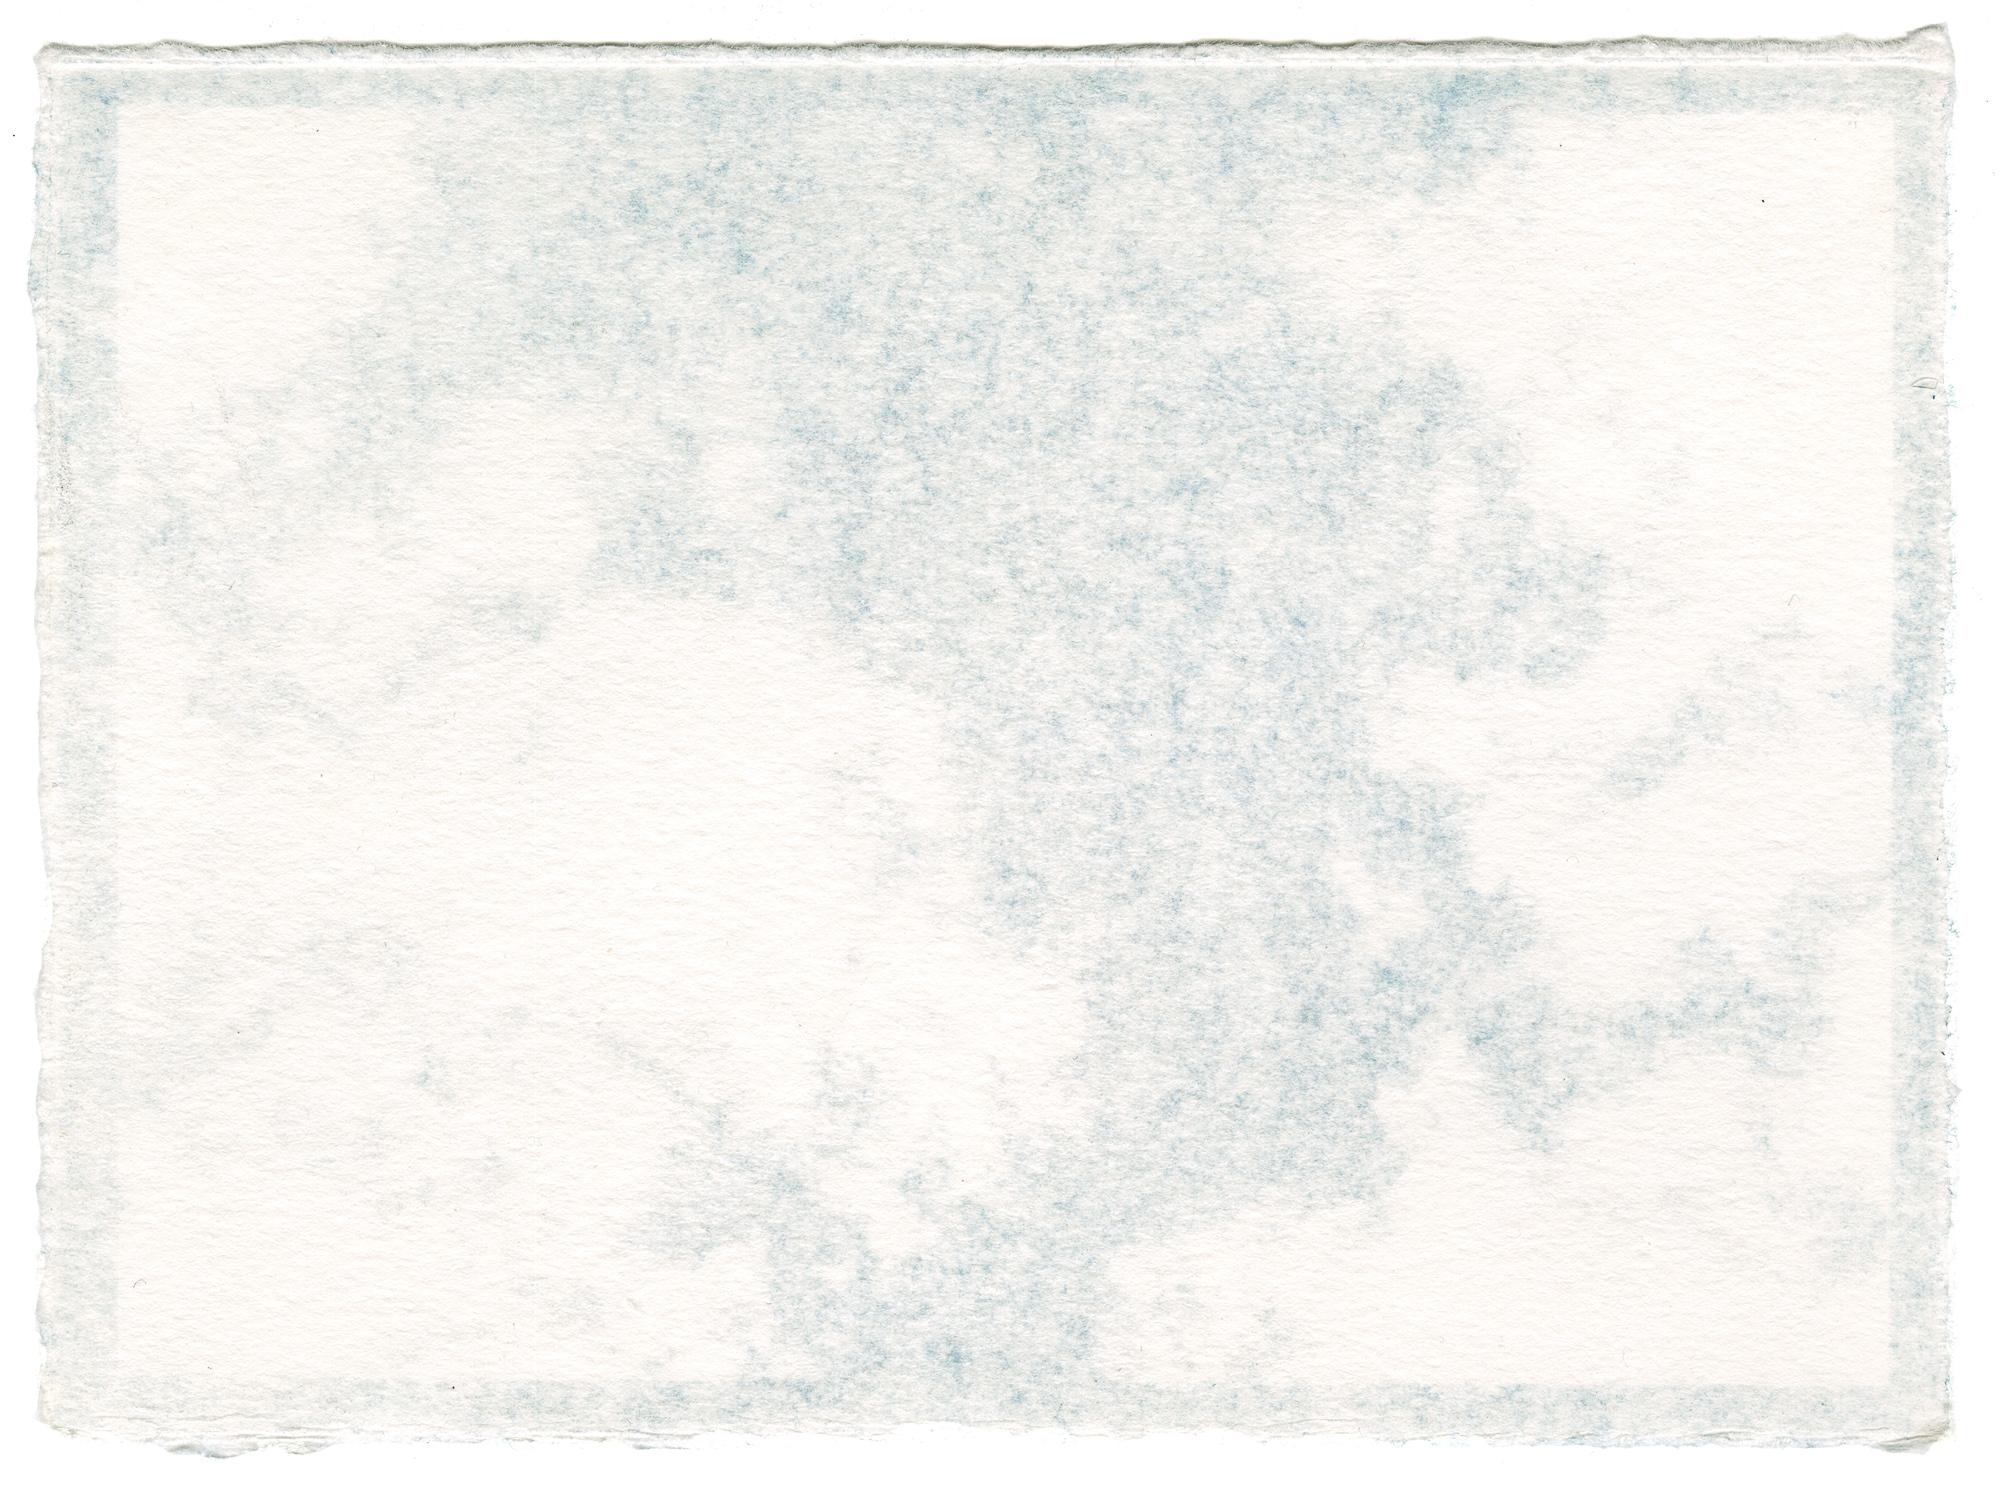 Sky 1 (1).jpg